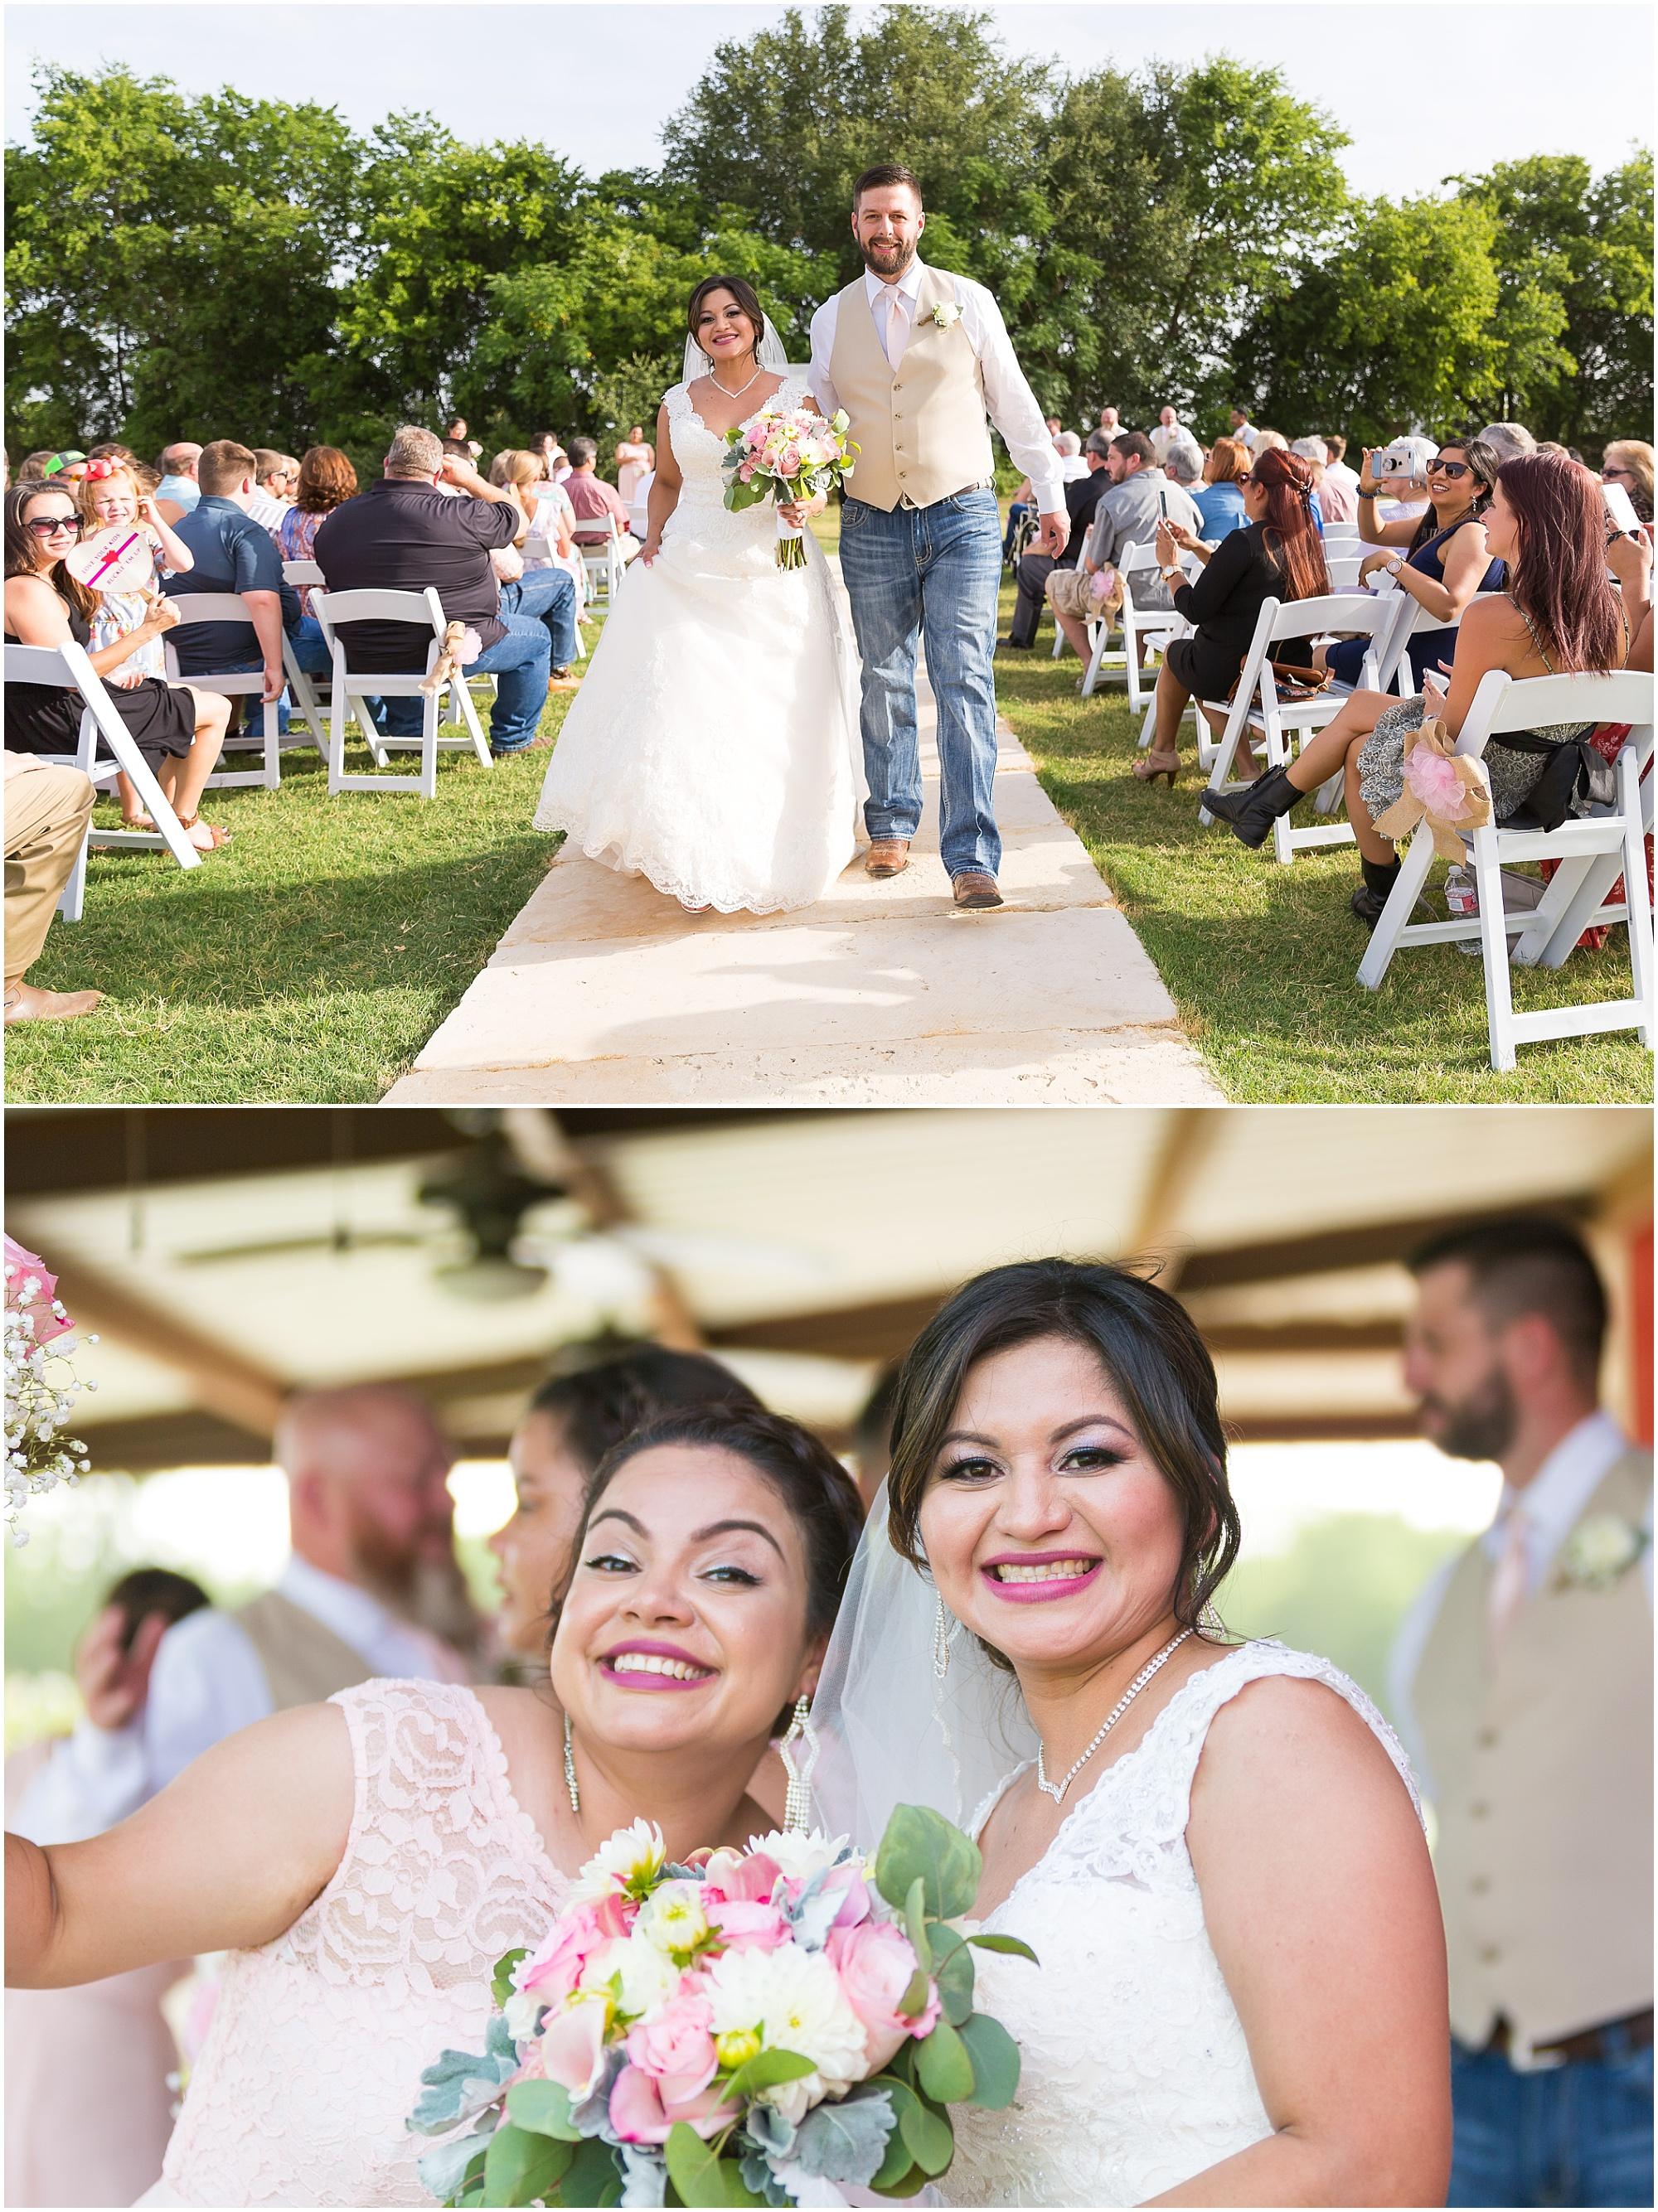 Summer outdoor wedding photography - Jason & Melaina Photography - www.jasonandmelaina.com